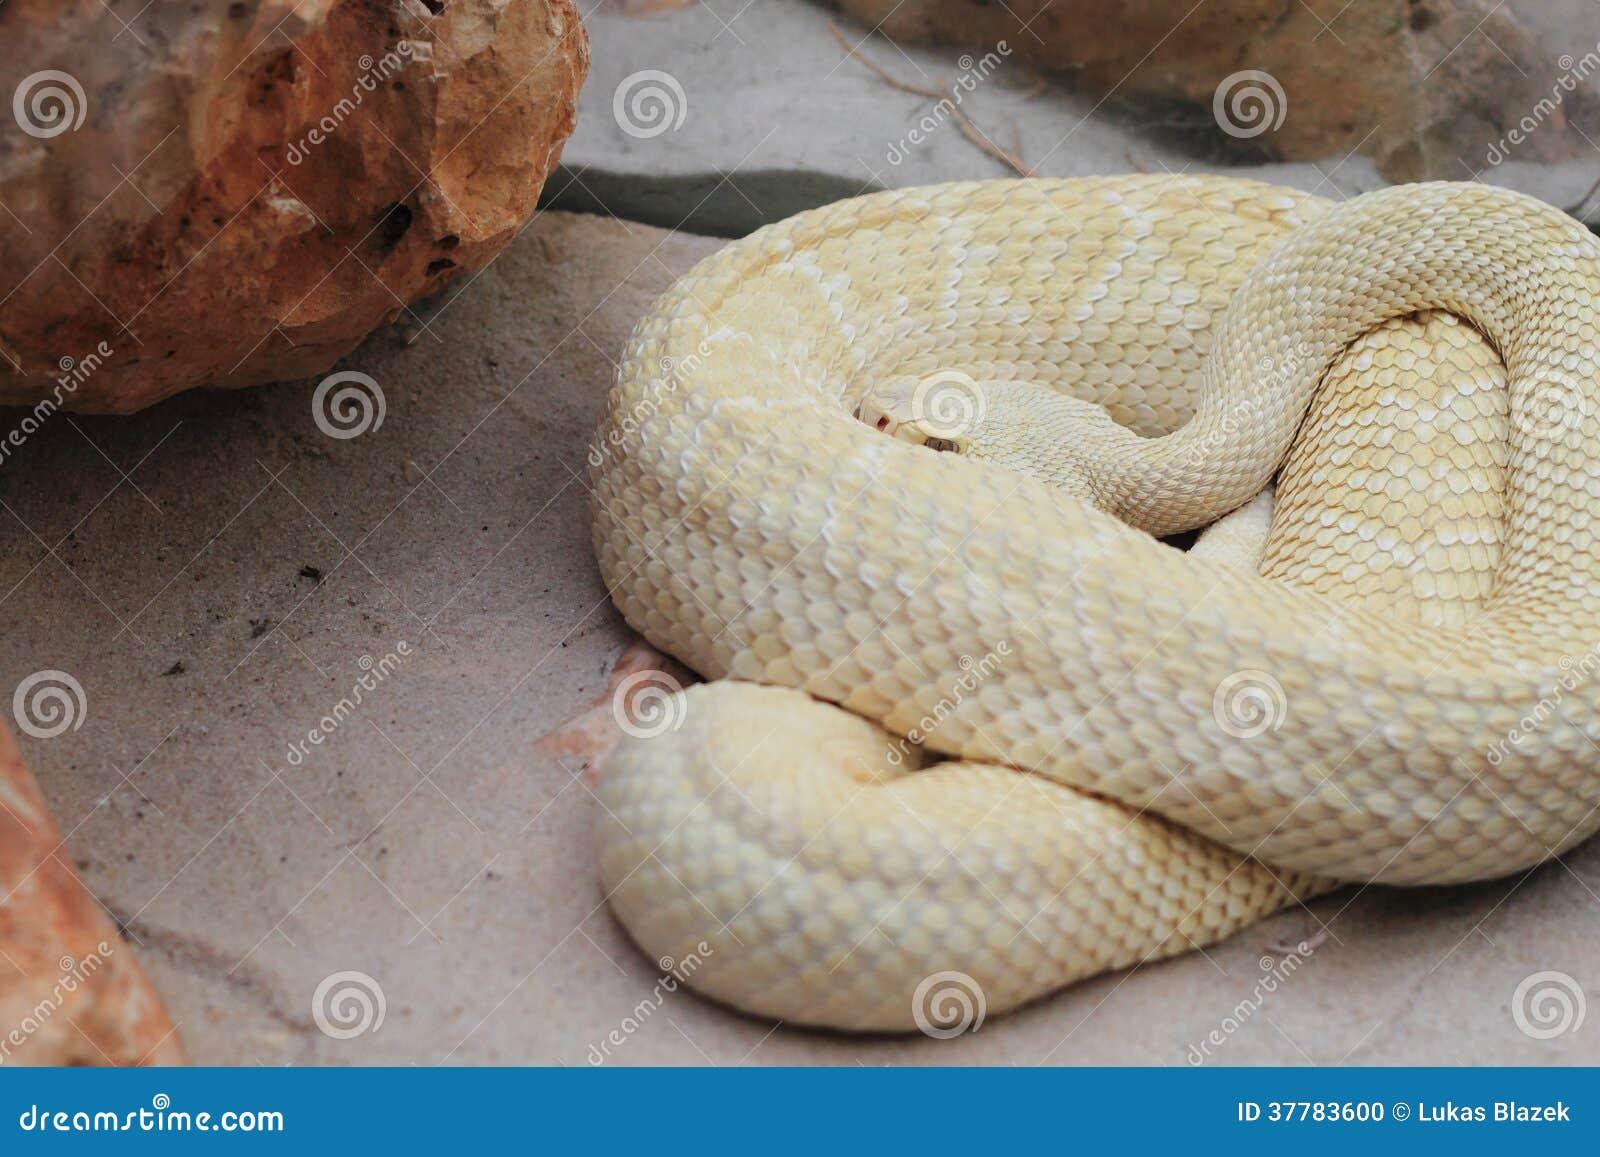 La forma blanca de serpiente de cascabel tropical que miente en la arena. 886b9d7e85b4